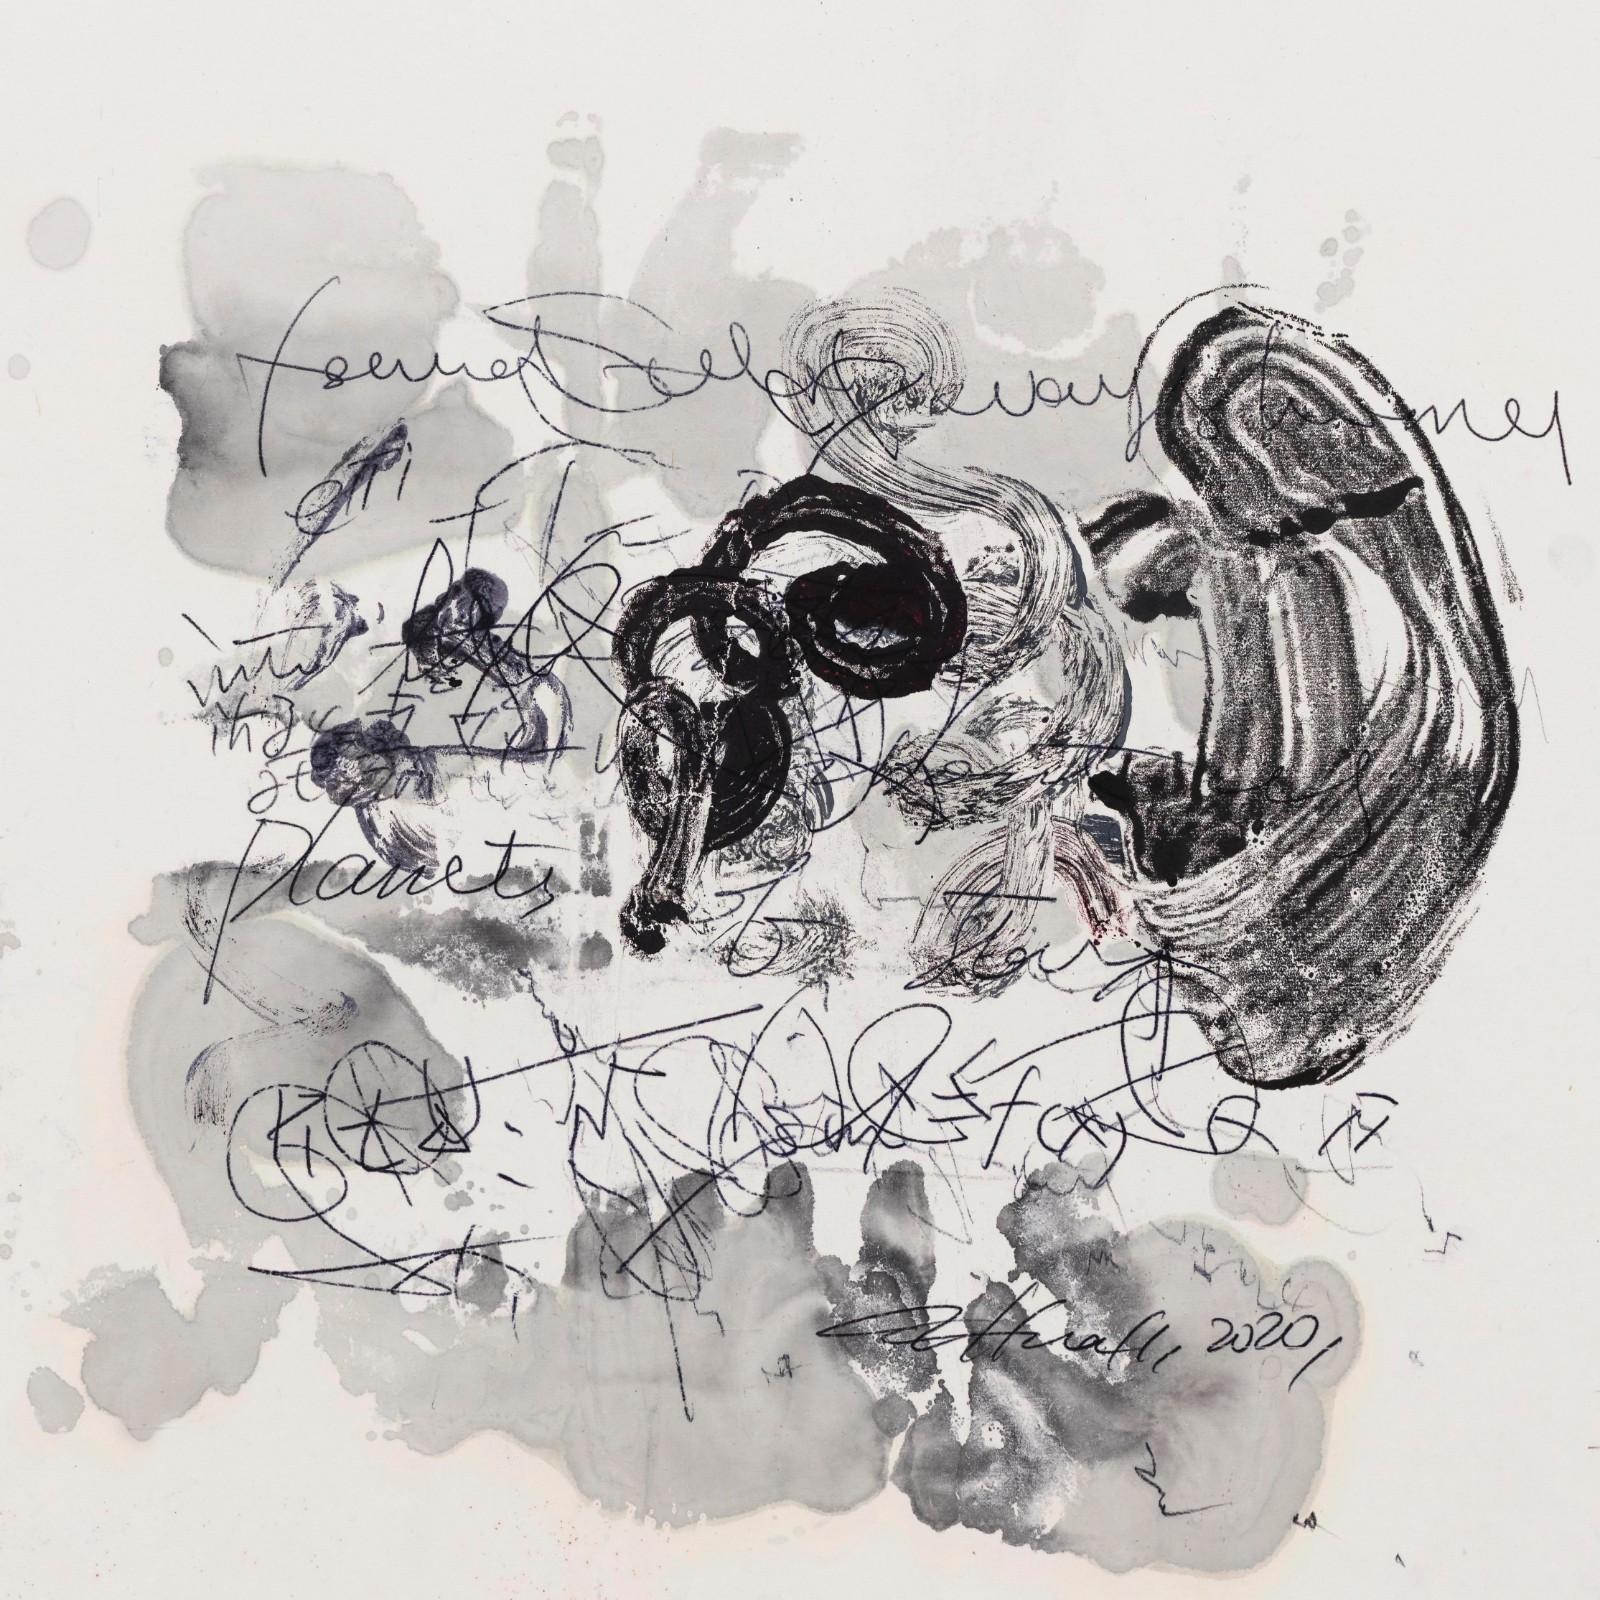 图19、王铁华·零·手迹2020—25(41x41cm).jpg